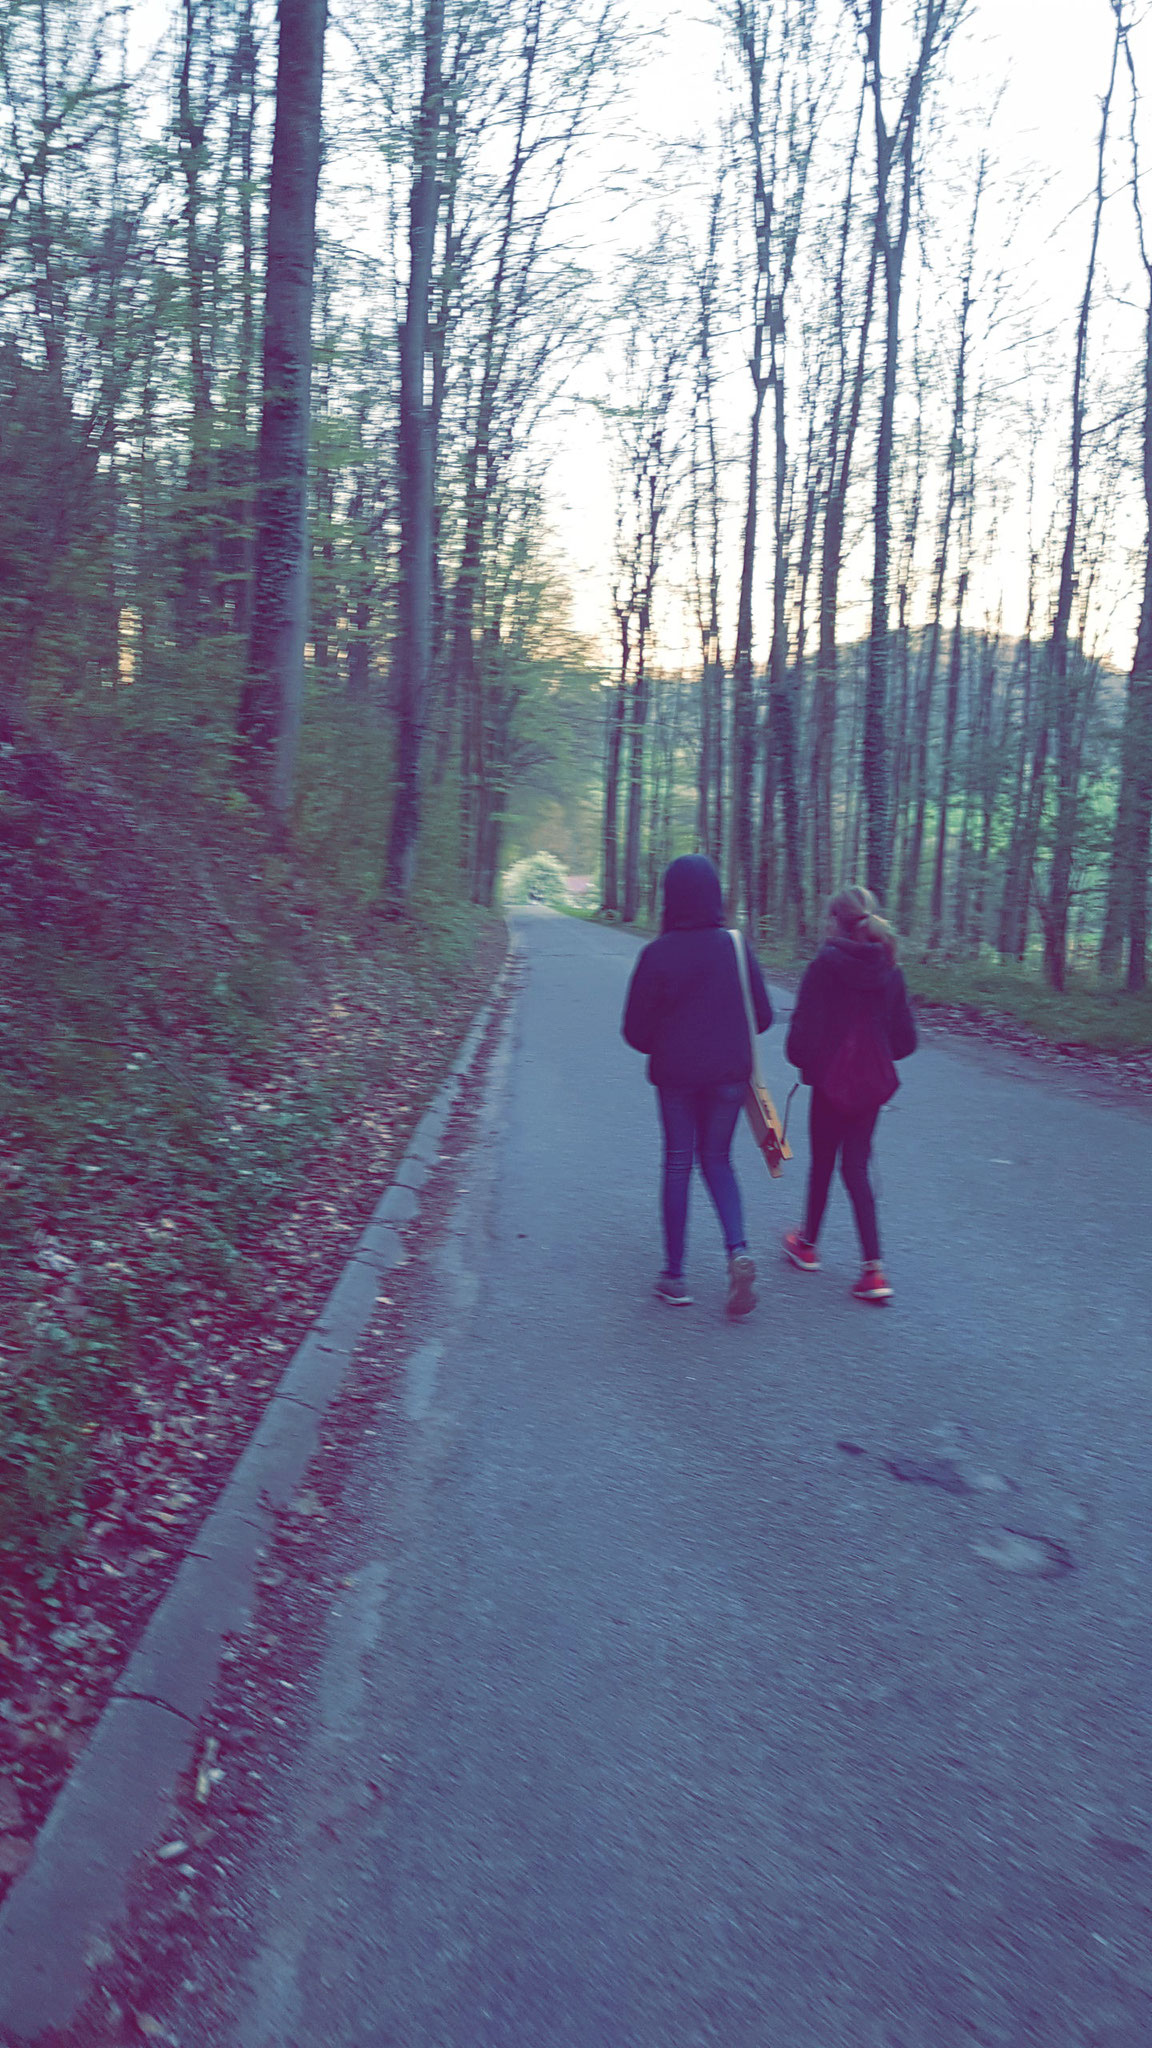 Rätschen auf dem Weg Richtung Frauenholzhof